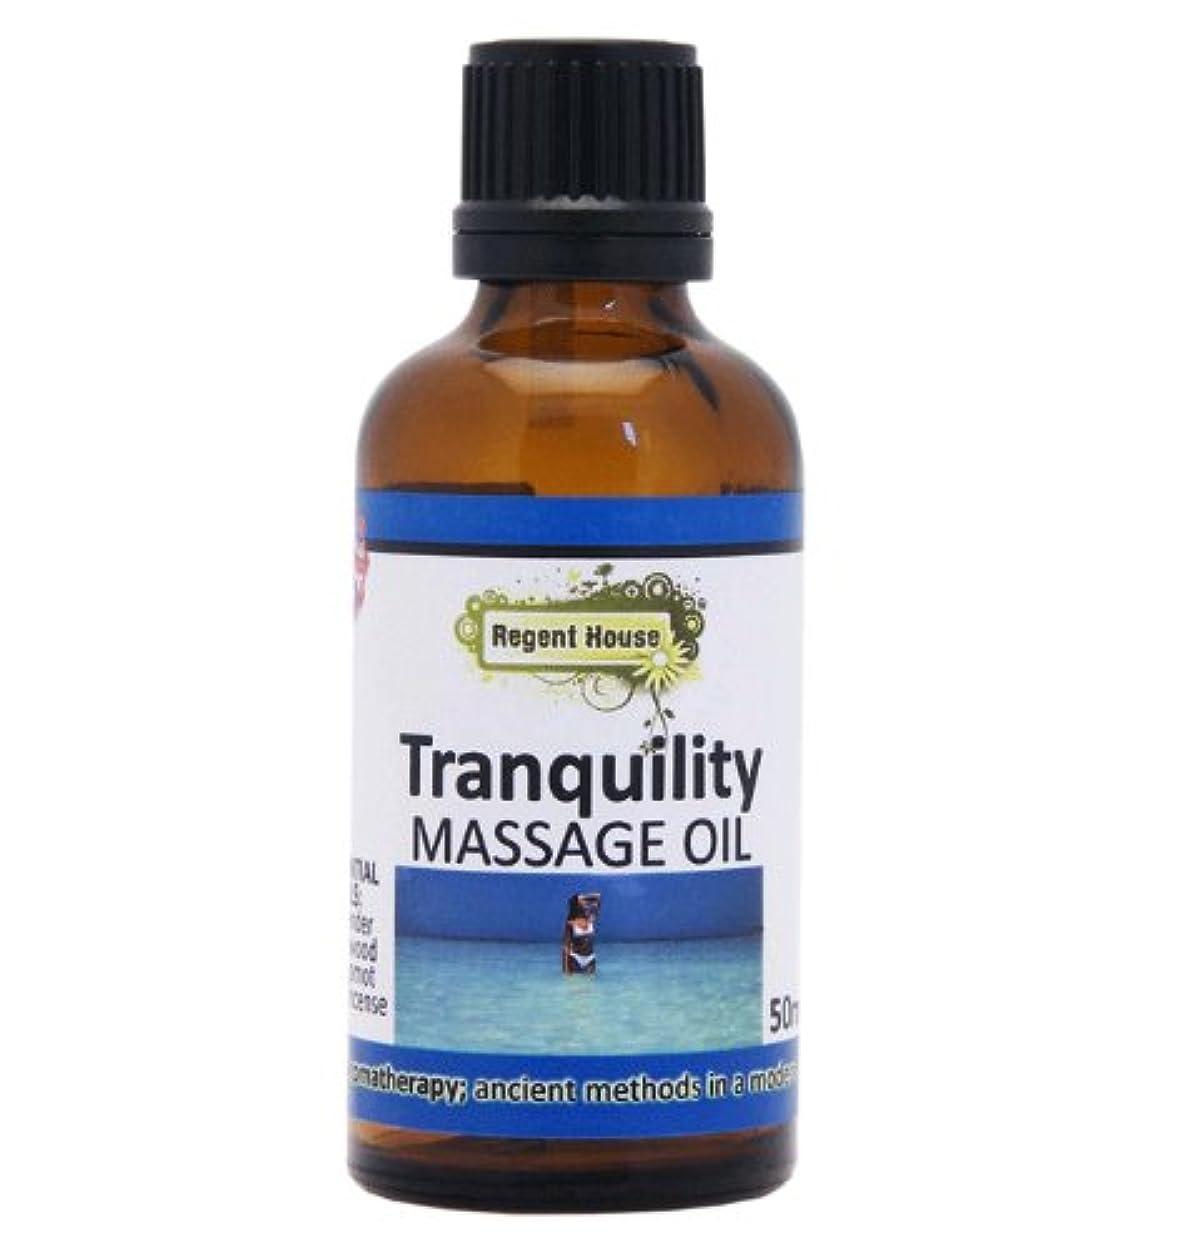 フェンス類人猿軽蔑貴重なローズウッドを、たっぷり配合しました。 アロマ ナチュラル マッサージオイル 50ml トランキュリティー(Aroma Massage Oil Tranqulity)